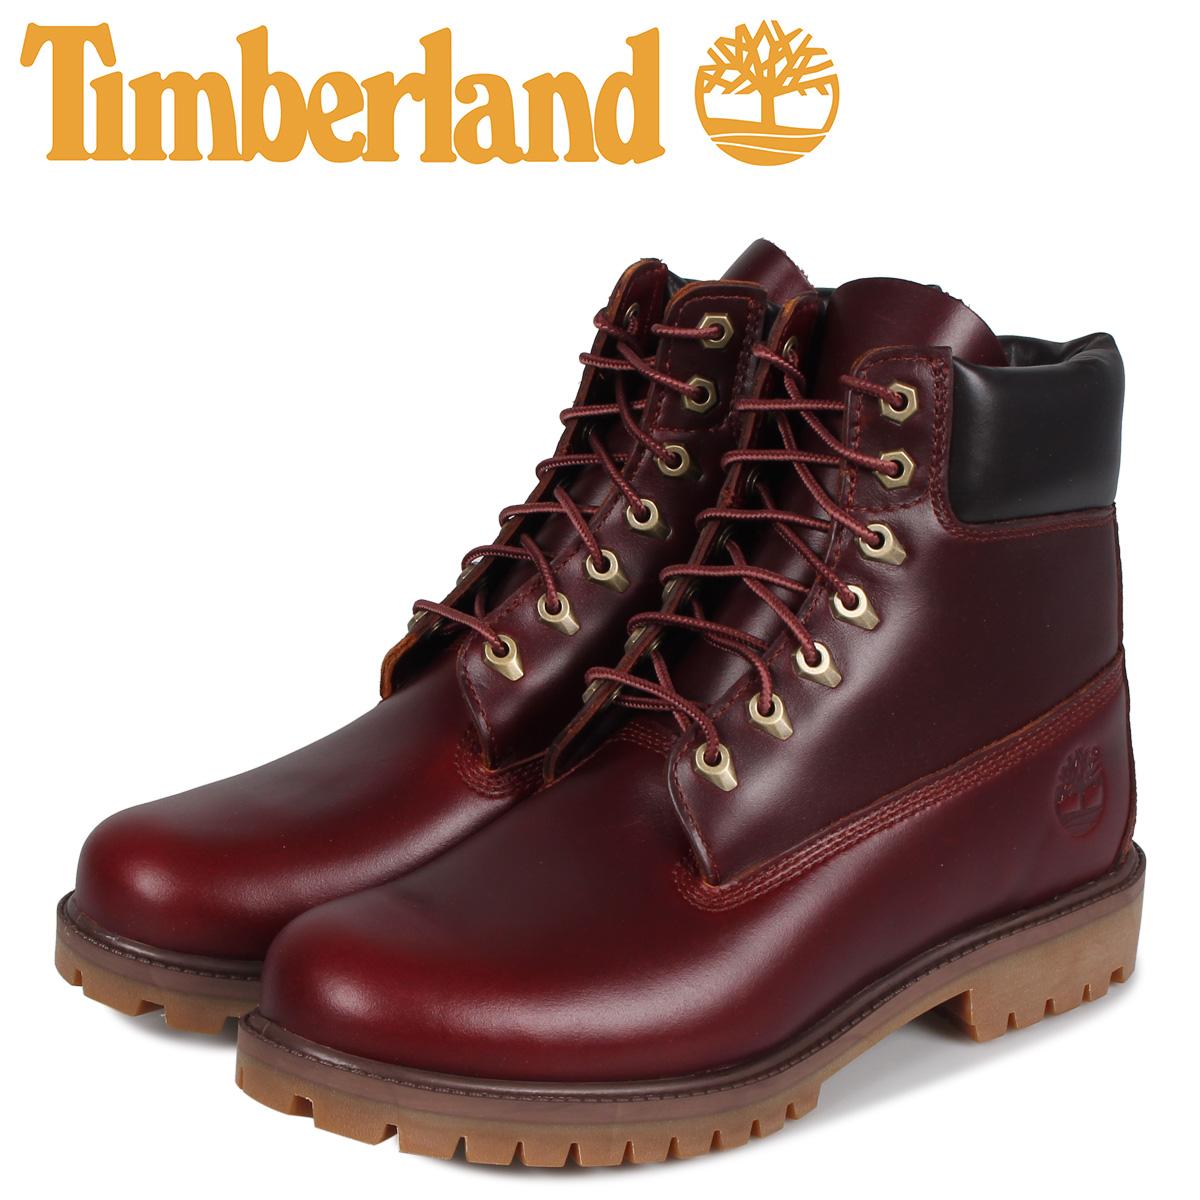 ティンバーランド Timberland ブーツ 6インチ クラシック メンズ ウォータープルーフ 6INCH CLASSIC WATERPROOF BOOT ブラウン A22W9